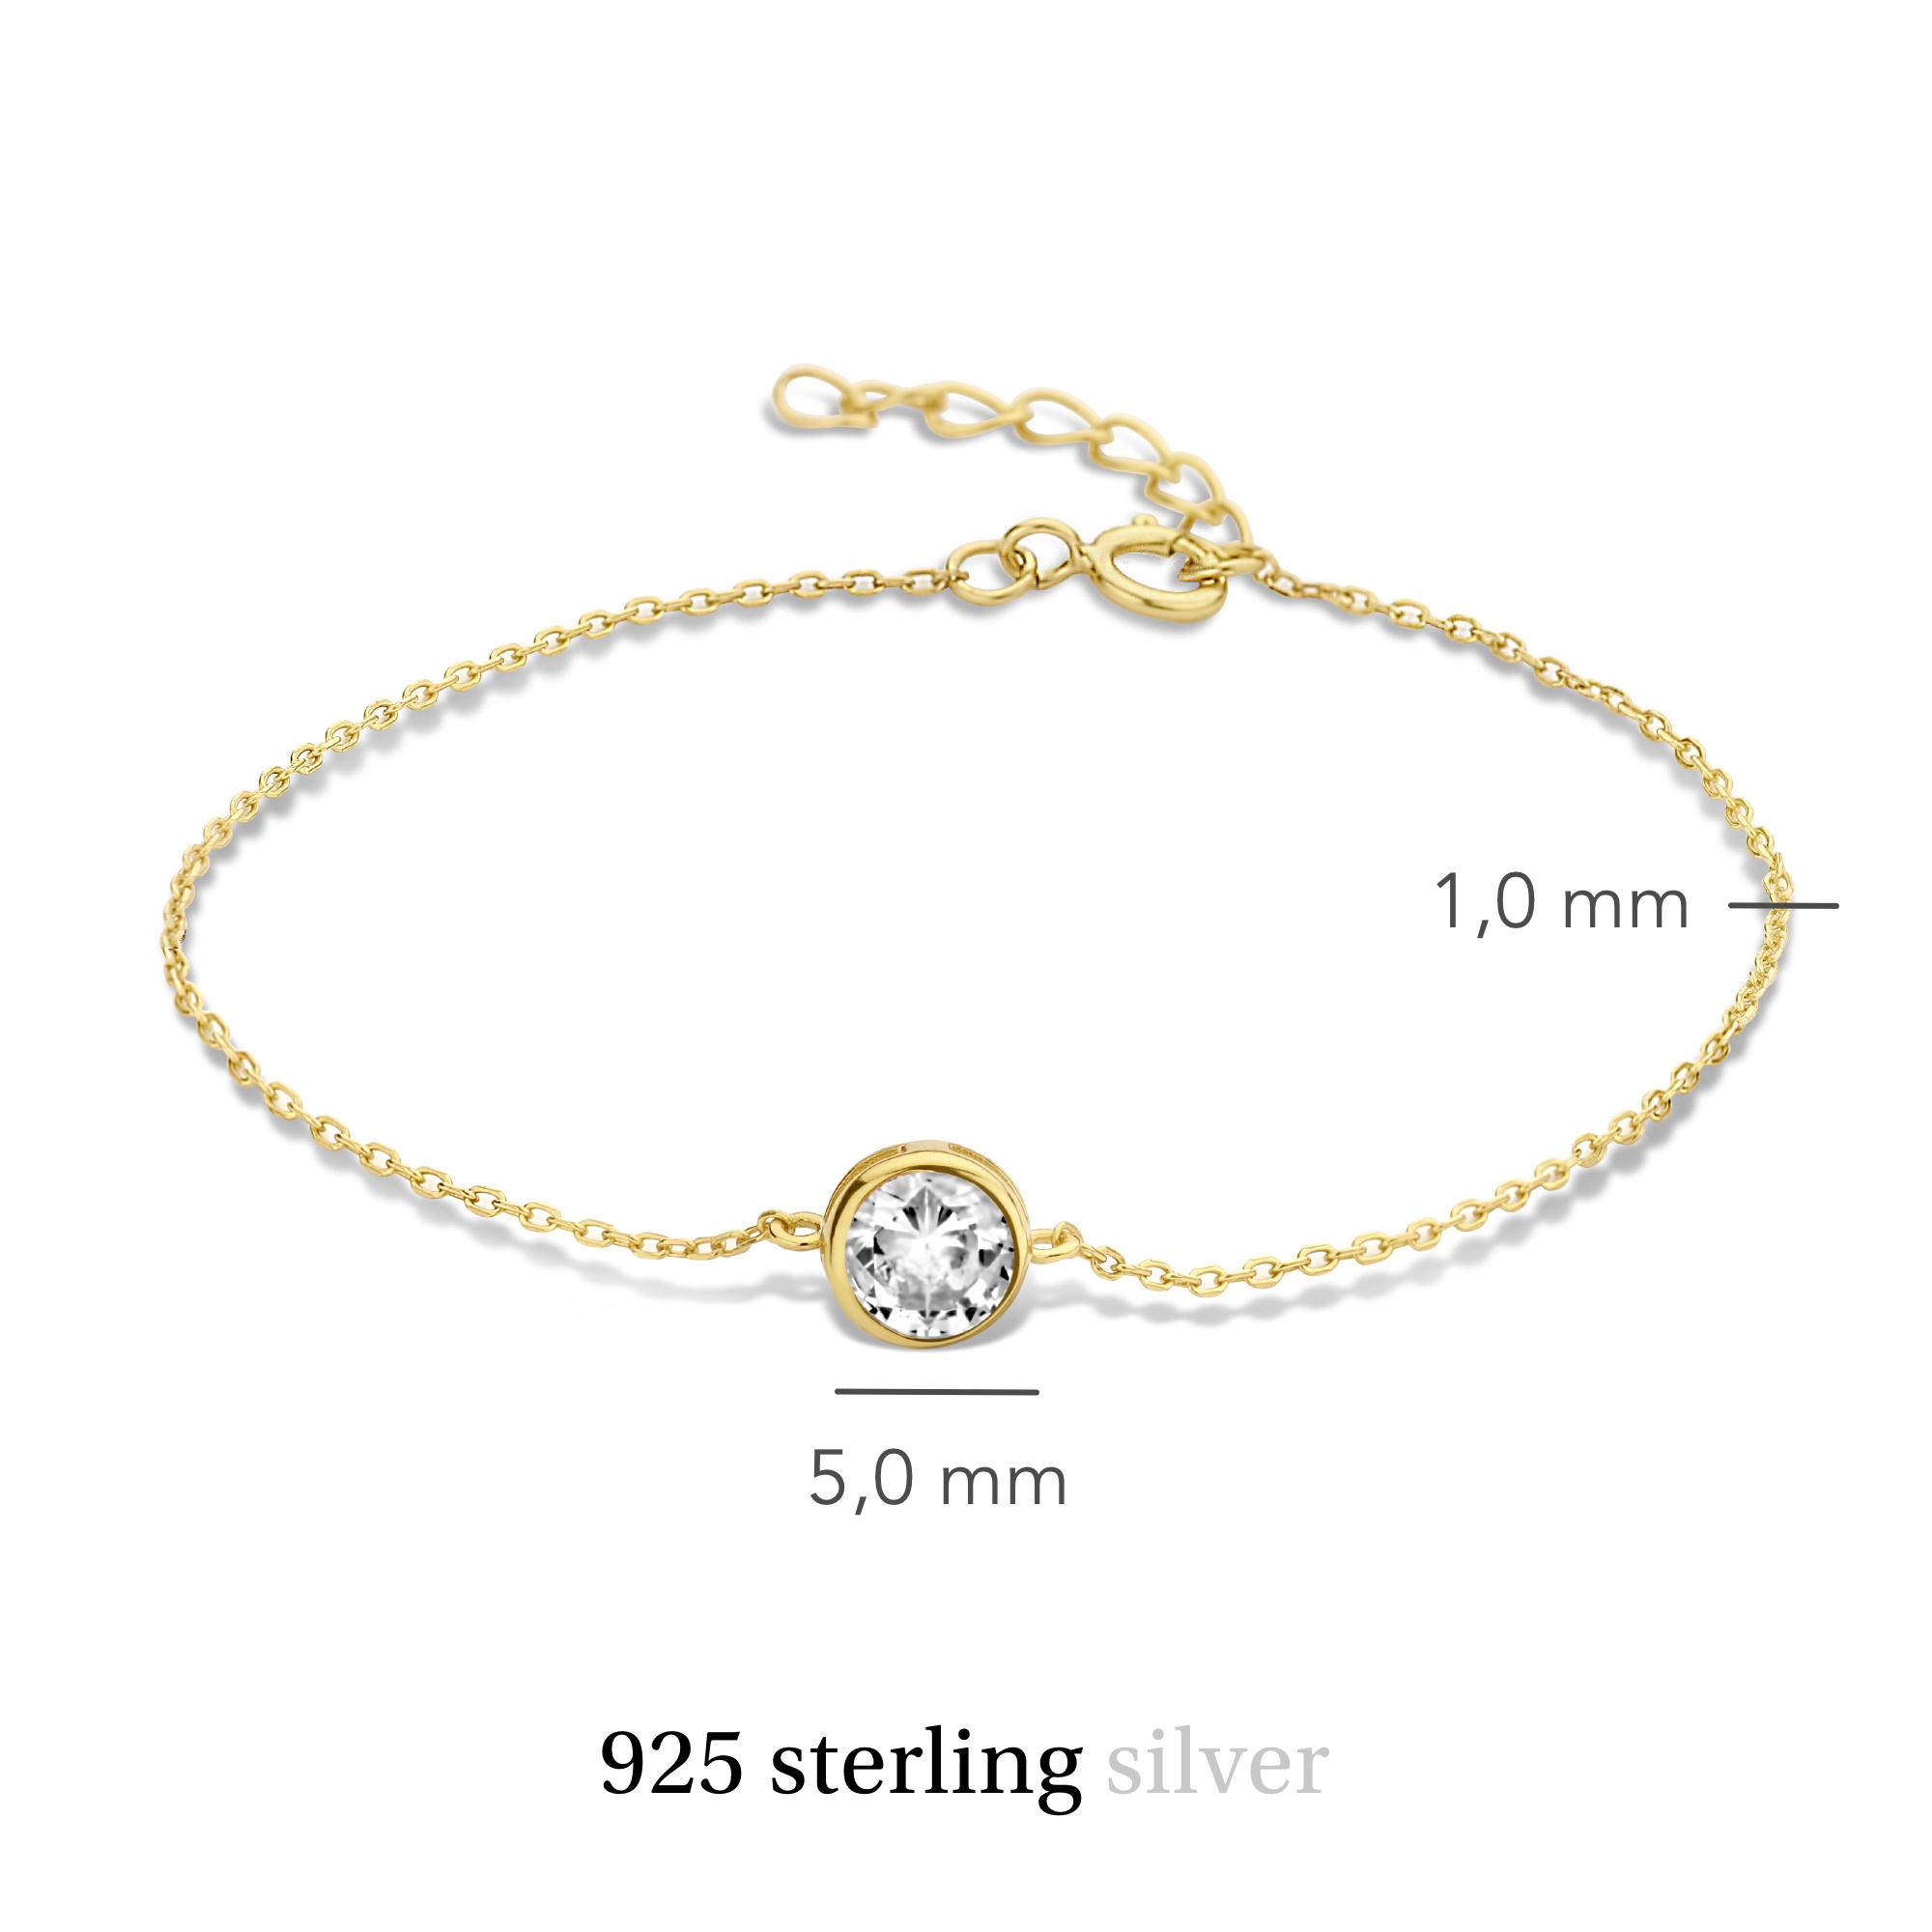 Violet Hamden Venus 925 sterling silver guldfärgad armband med födelsesten